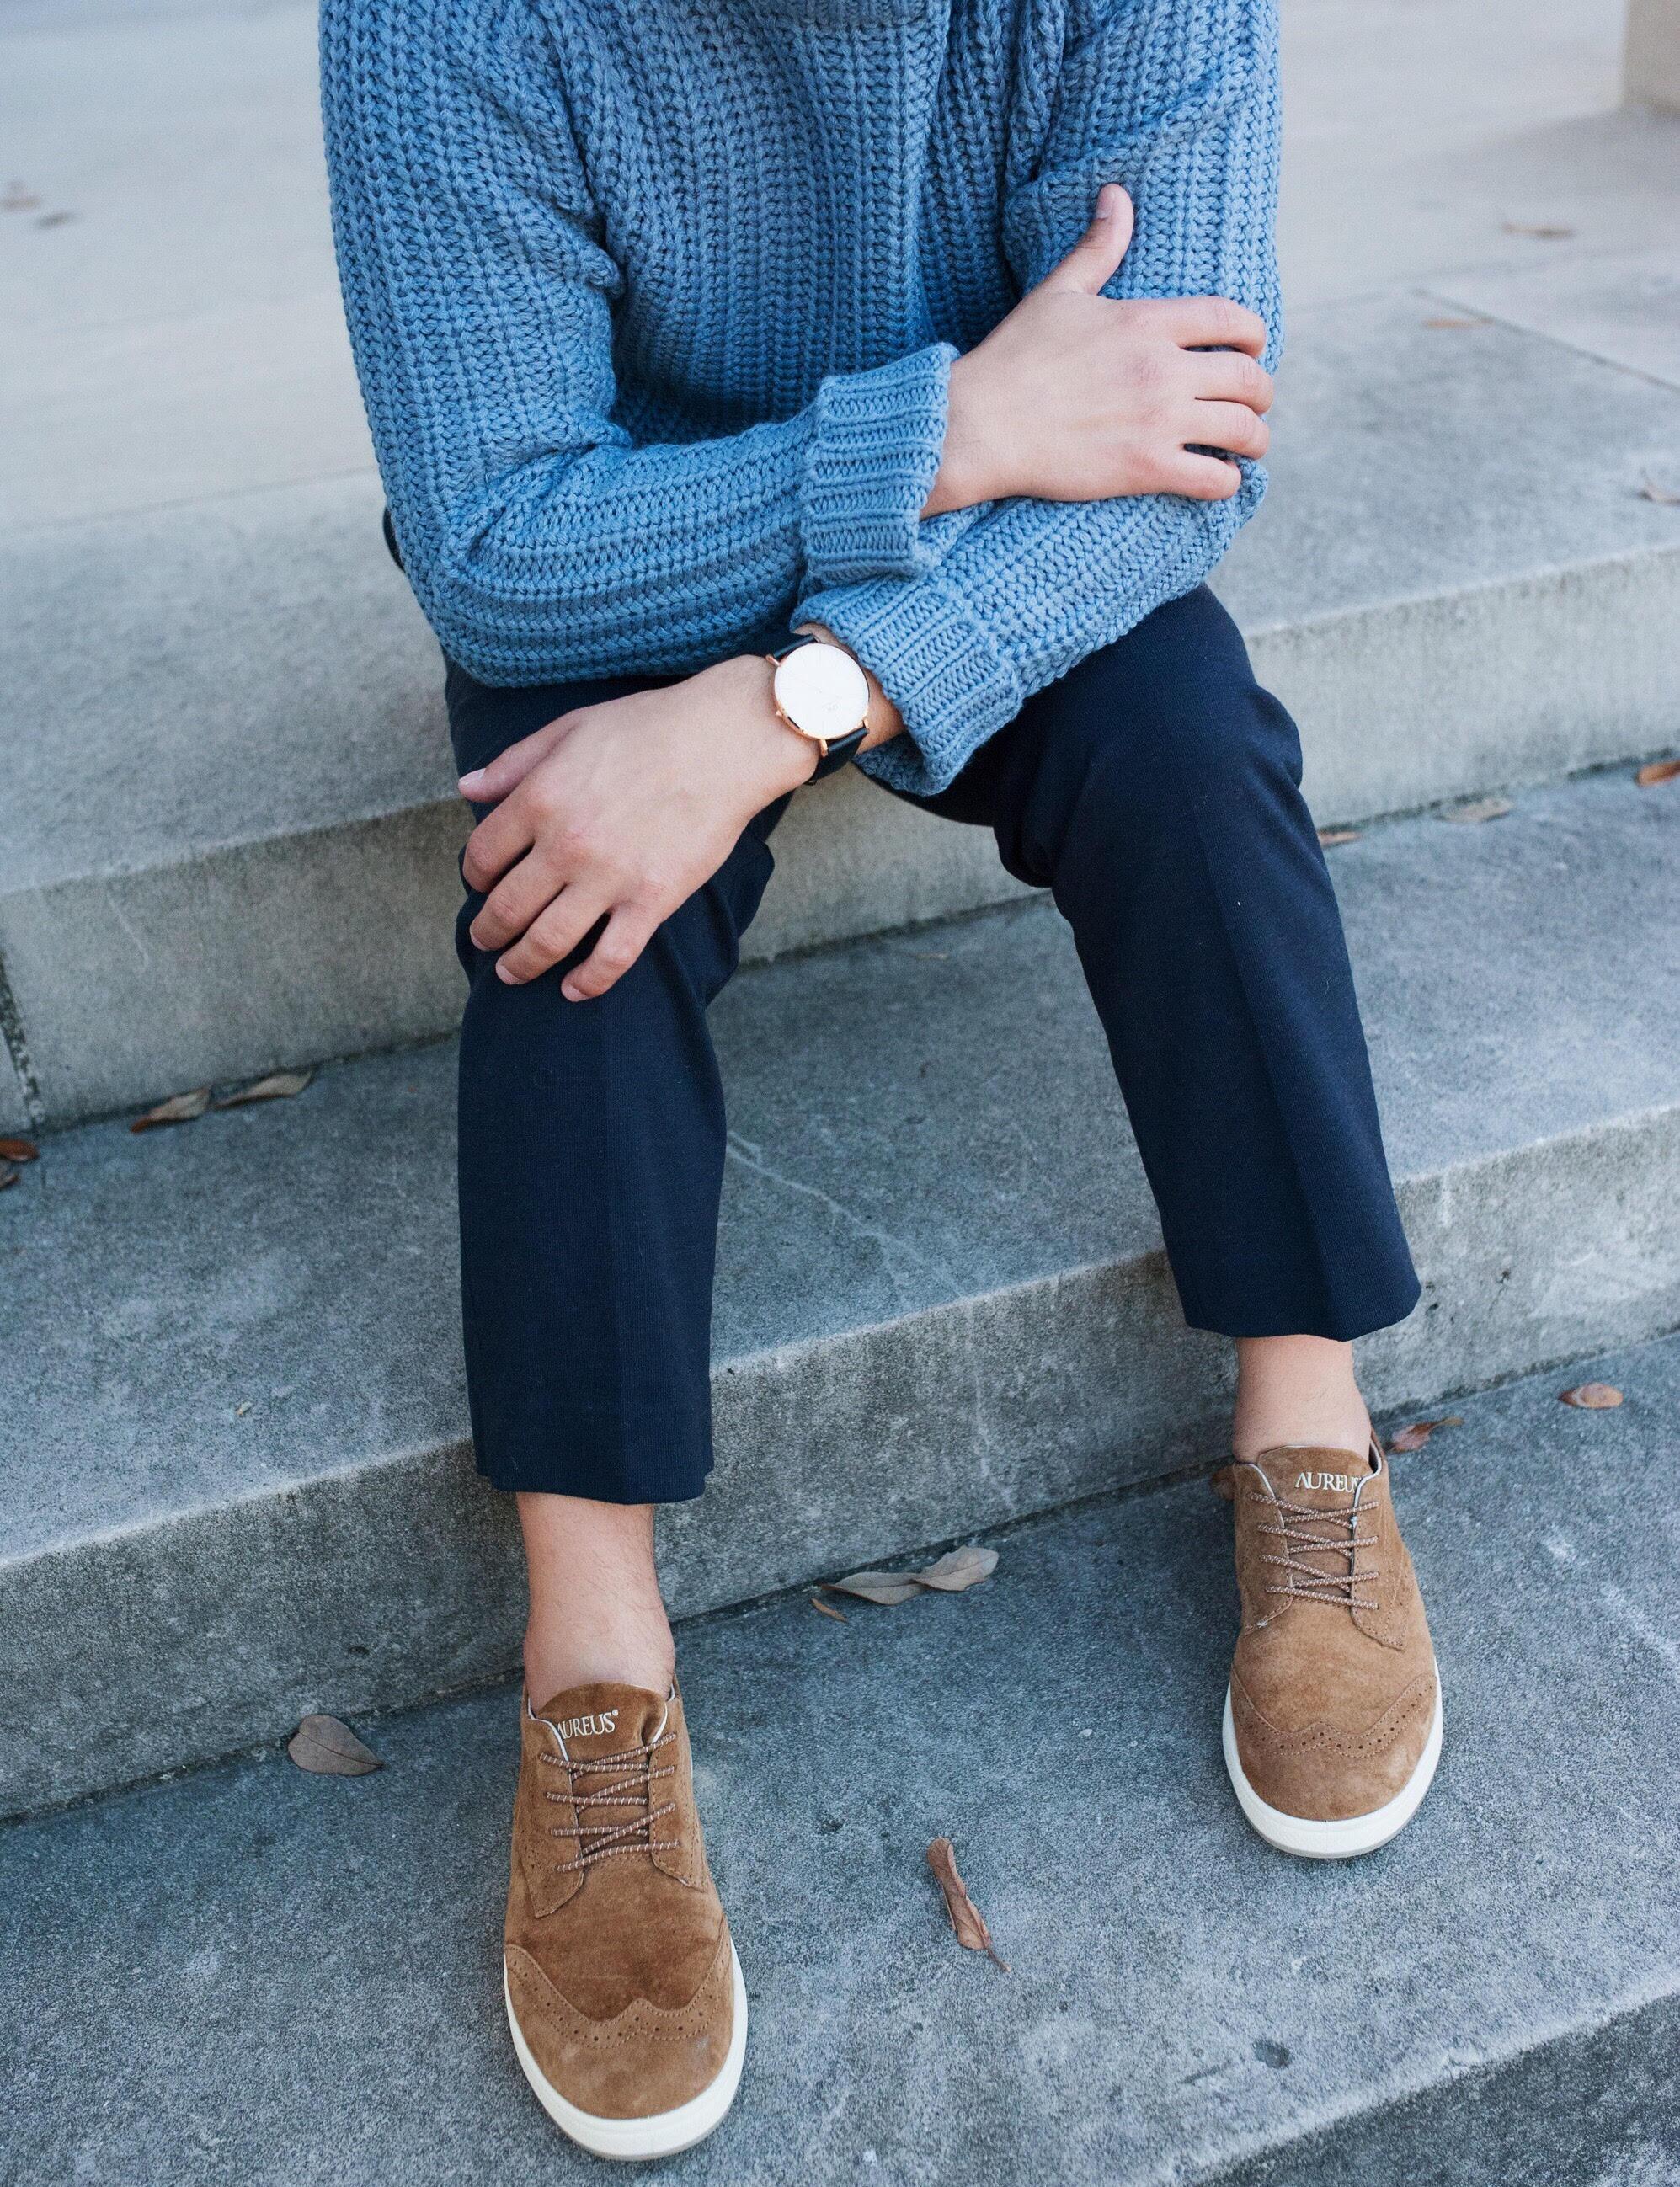 Aureus_shoes 4.jpg